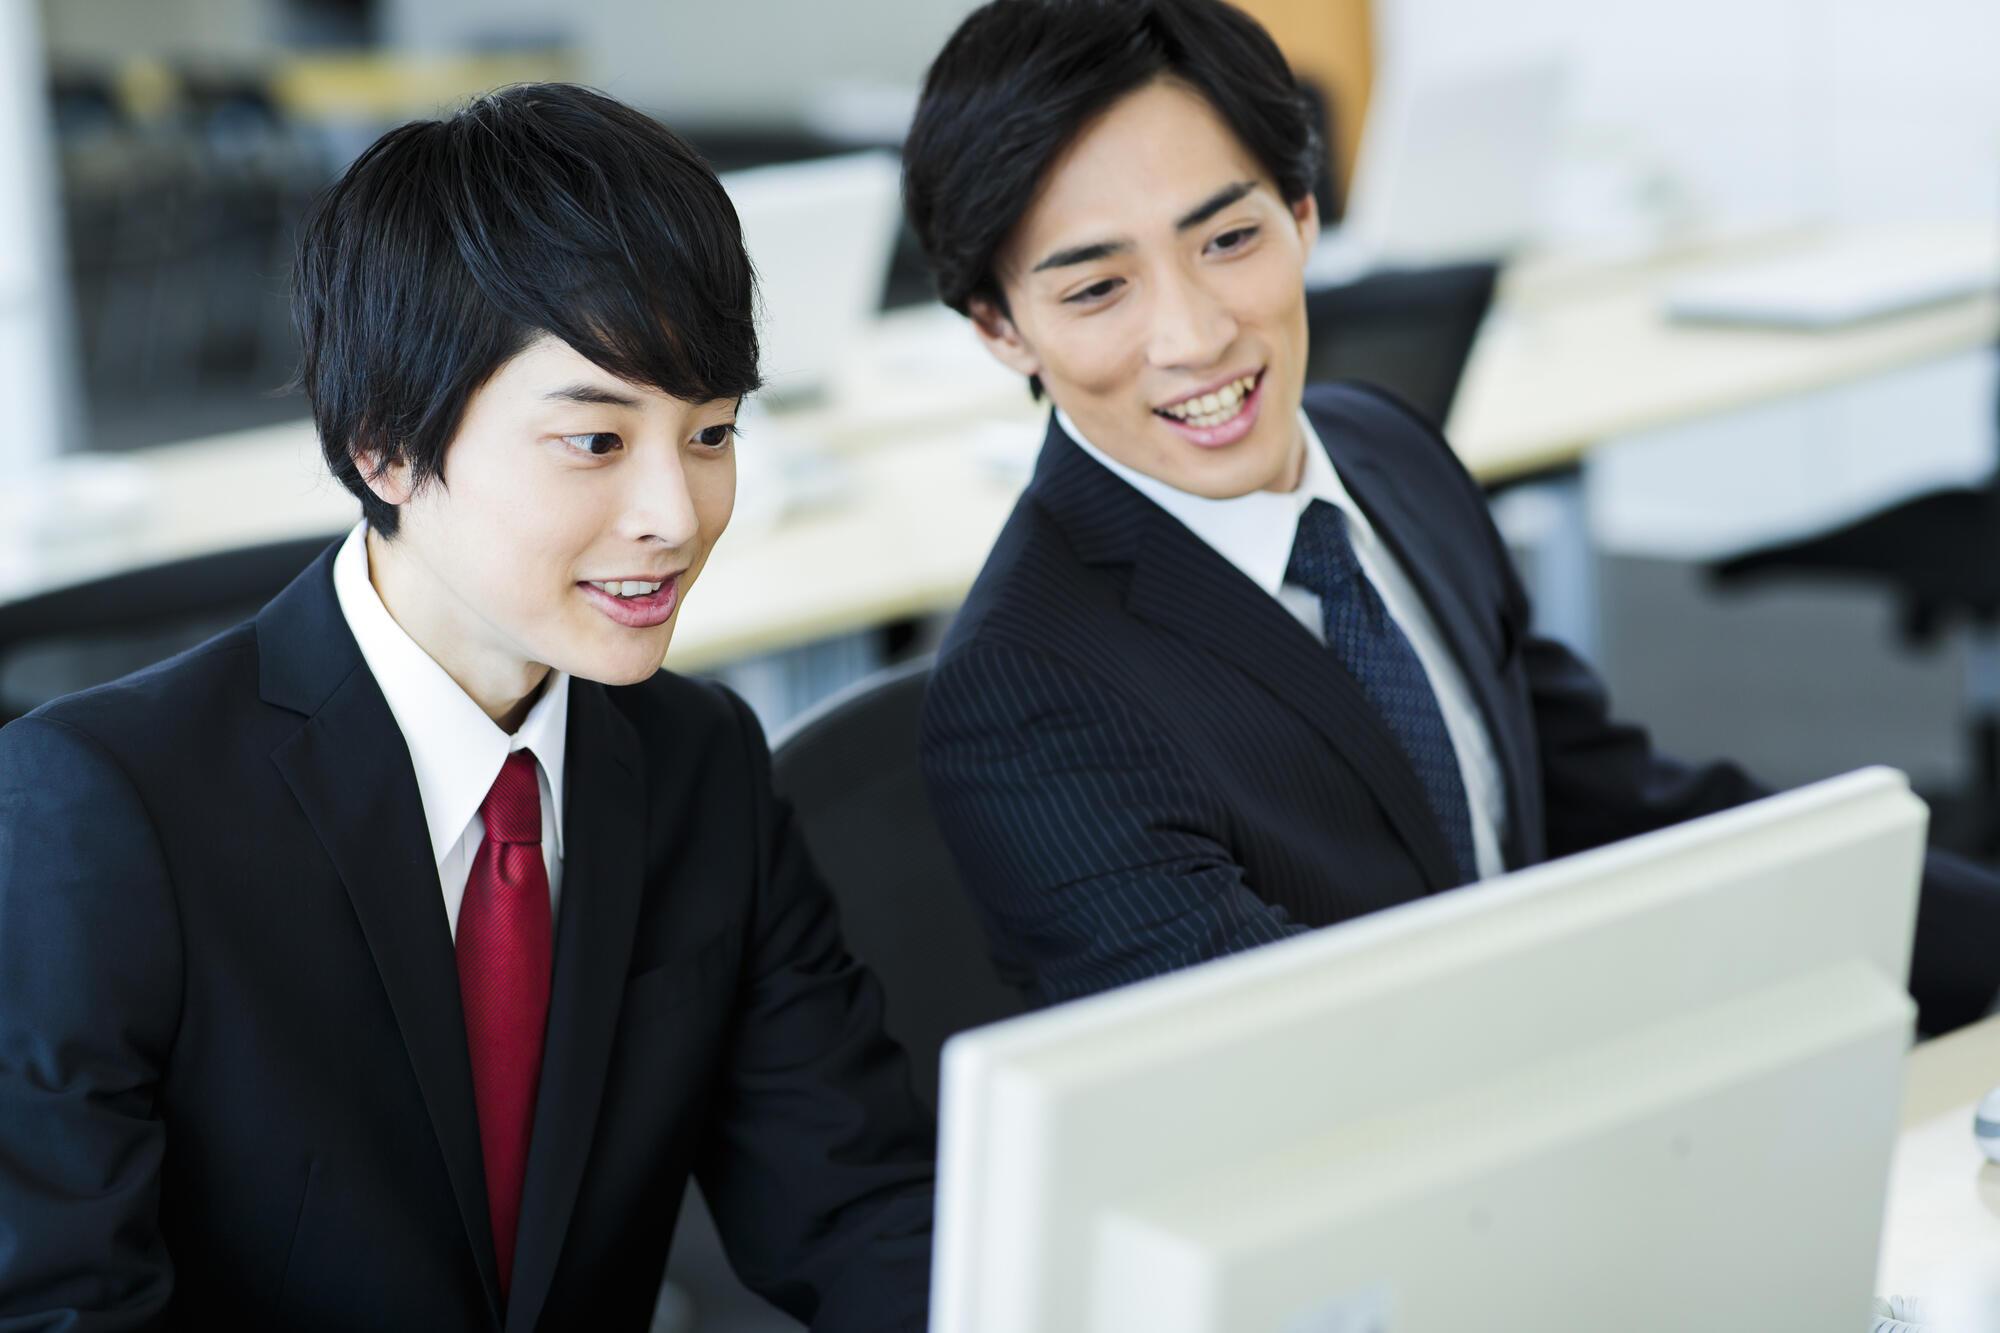 SNS世代の若手社員は「プチ褒め」で仕事のモチベーションが上がる!